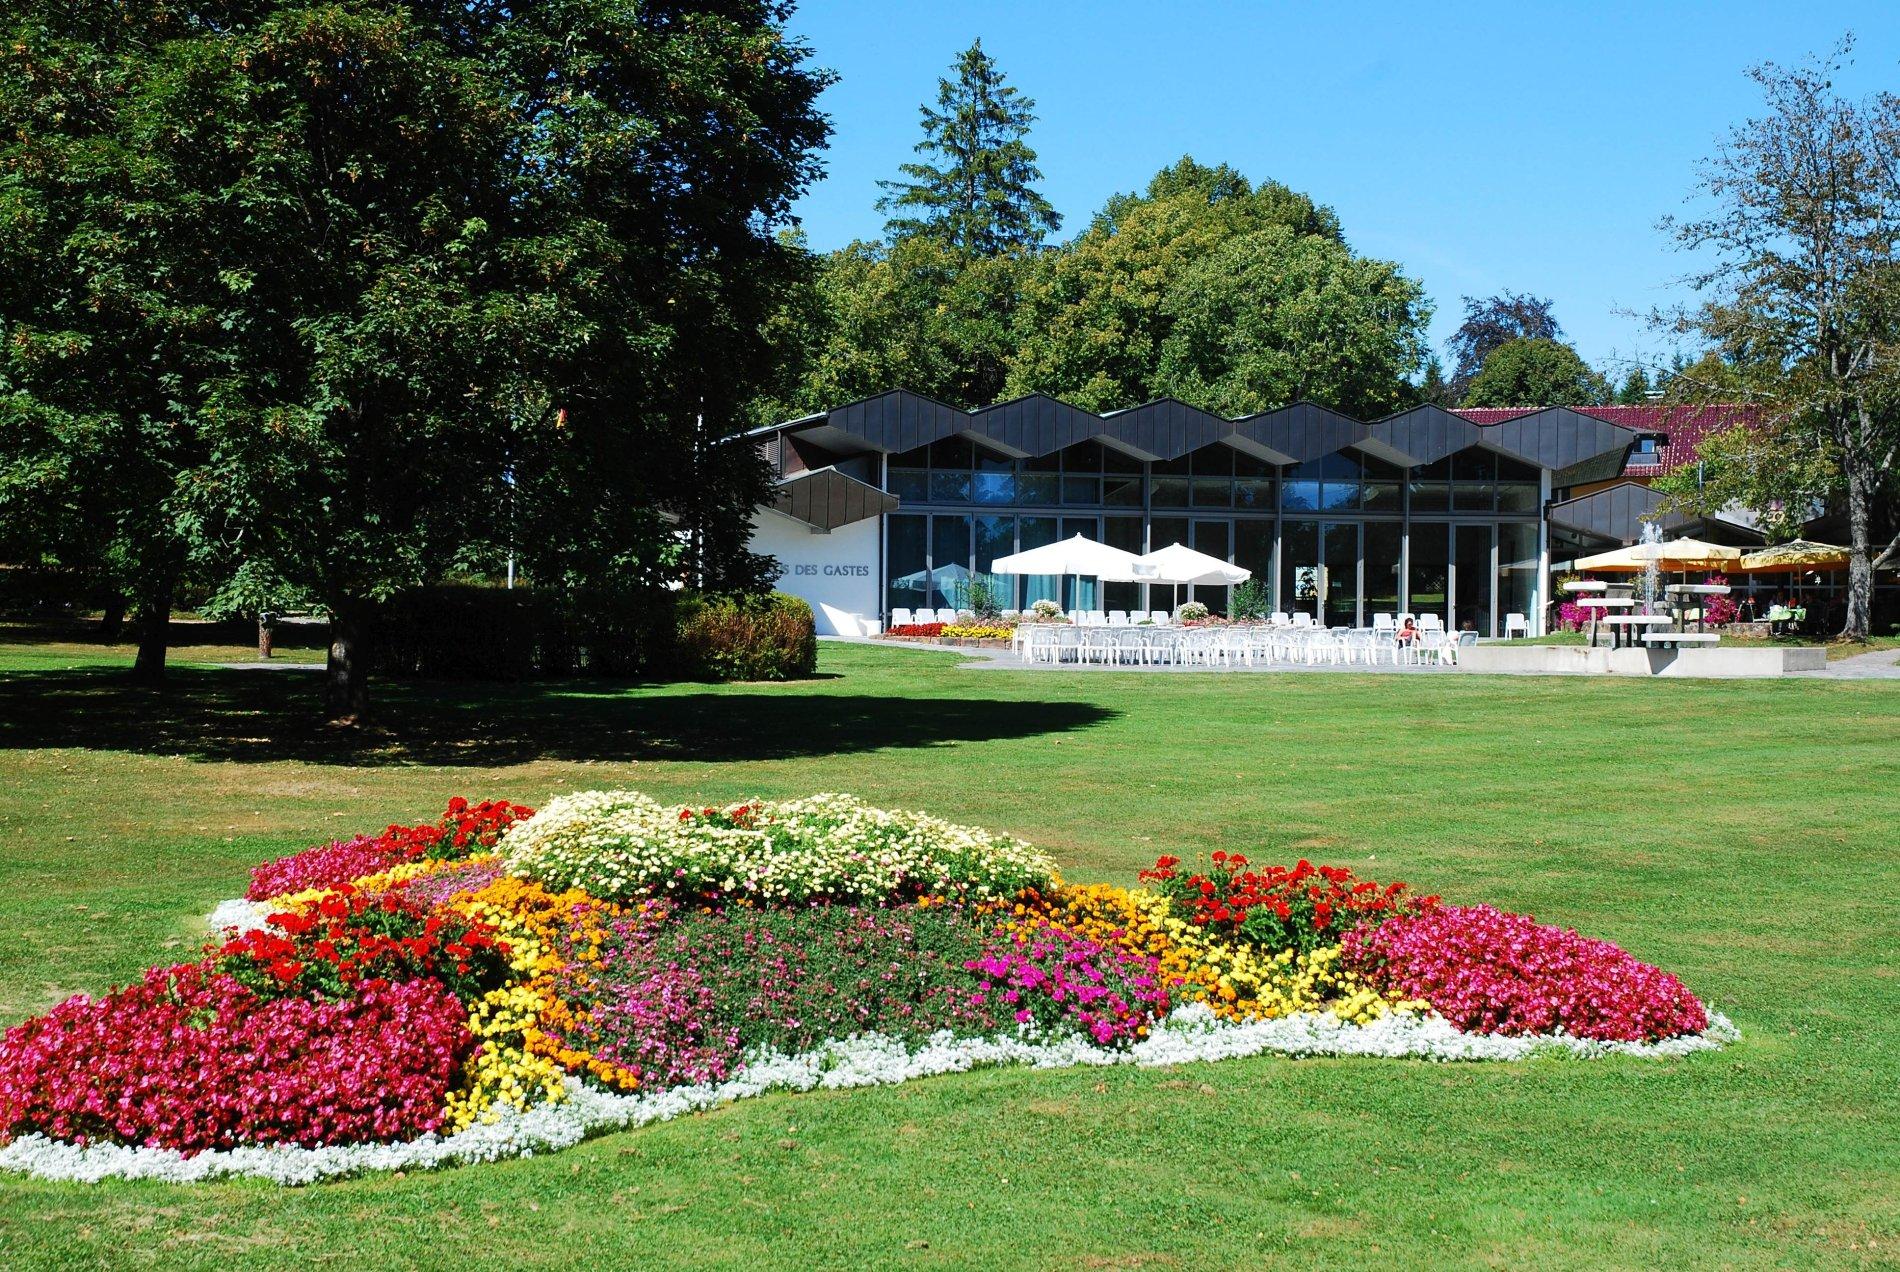 Haus des Gastes Königsfeld mit bunten Blumenrabatten